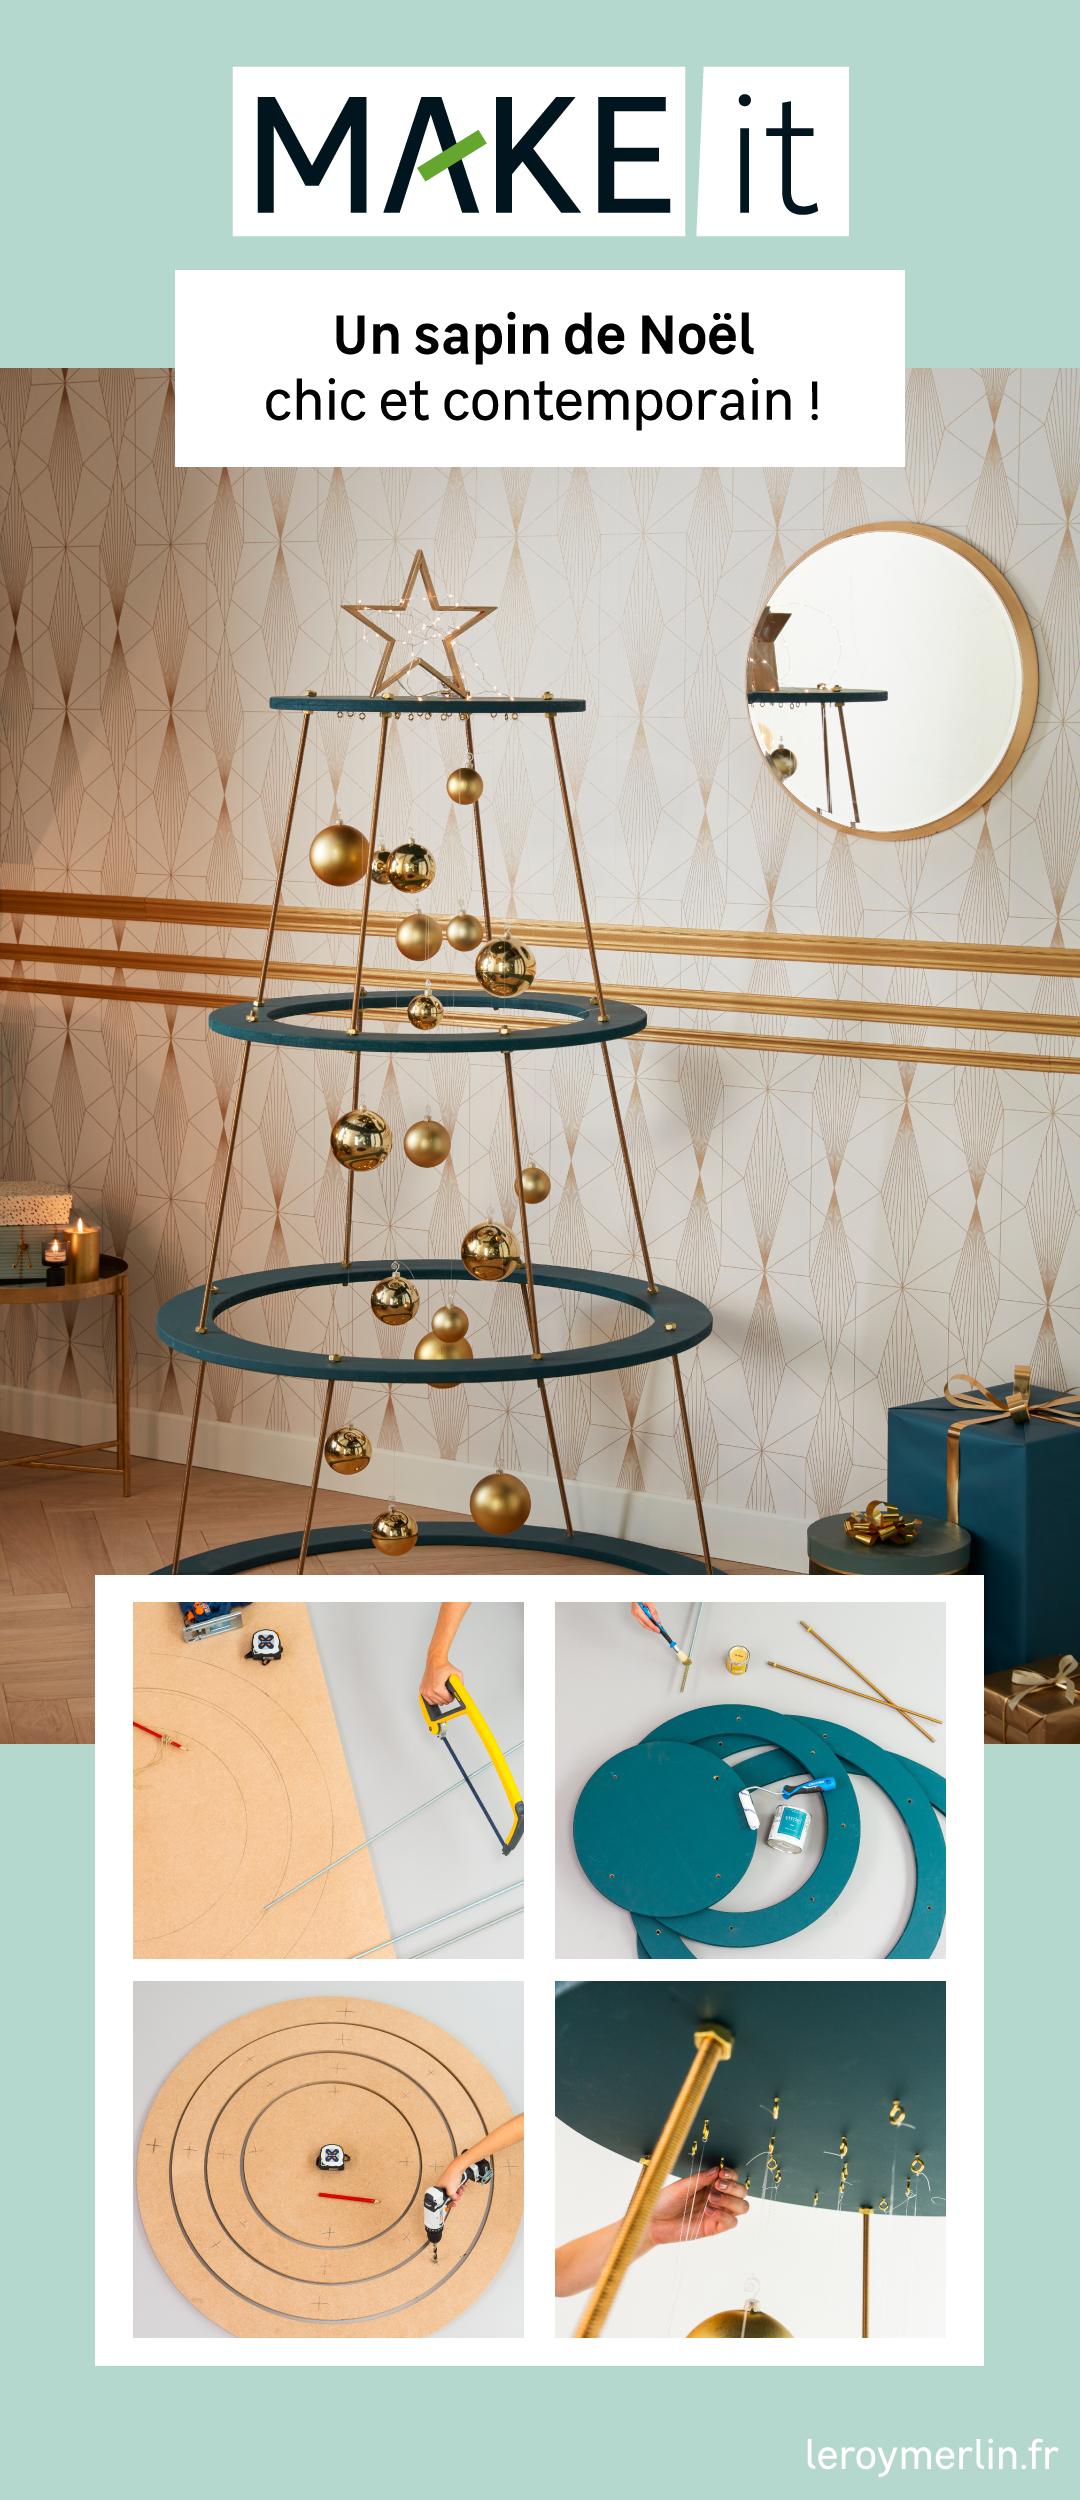 DIY : Créer un sapin de Noël chic et contemporain | Idee deco noel